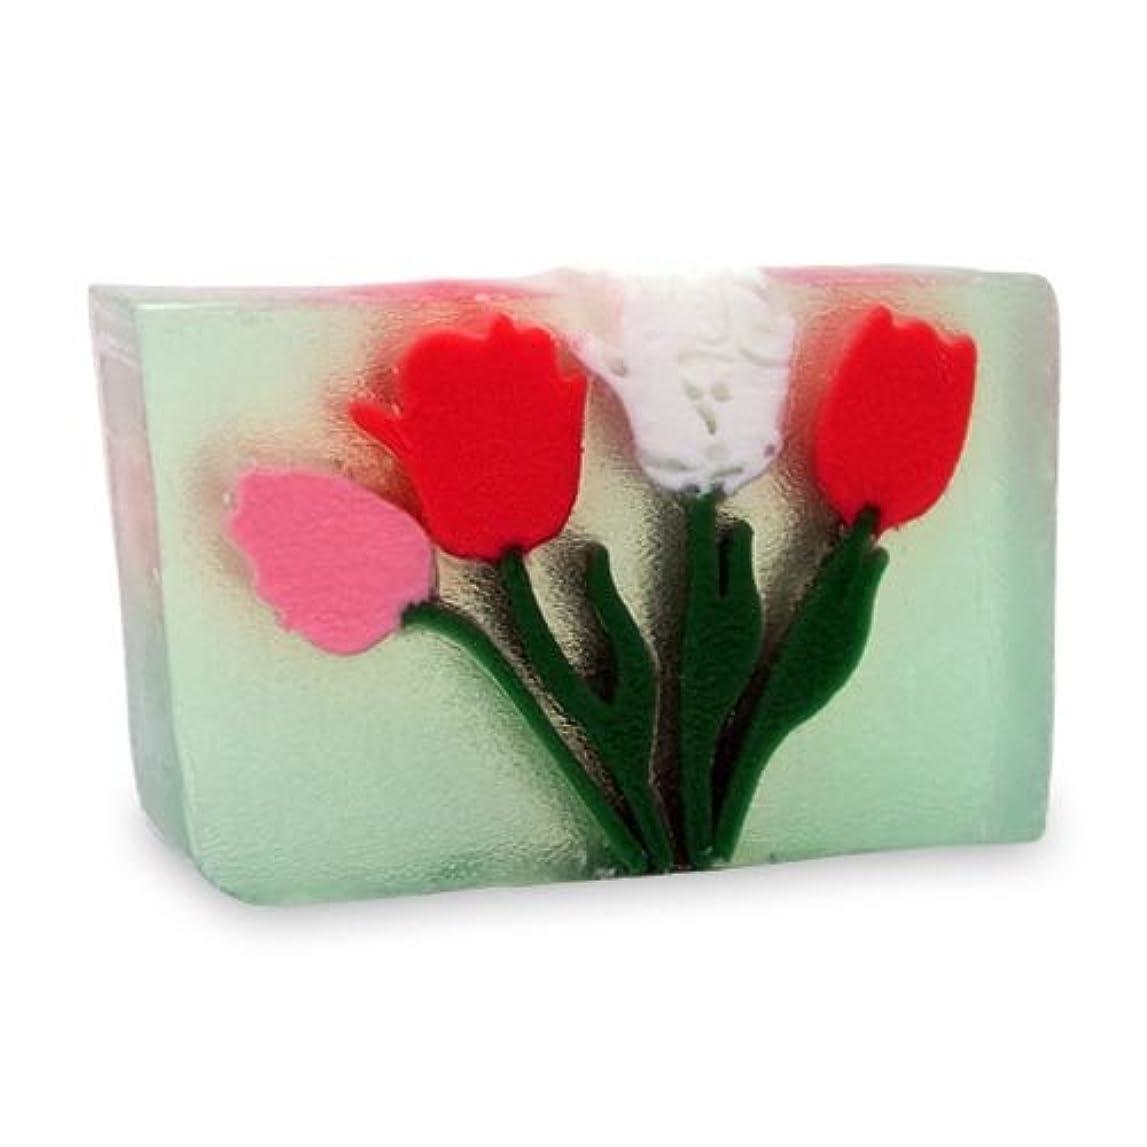 略奪小石不適当プライモールエレメンツ アロマティック ソープ チューリップ 180g 植物性 ナチュラル 石鹸 無添加